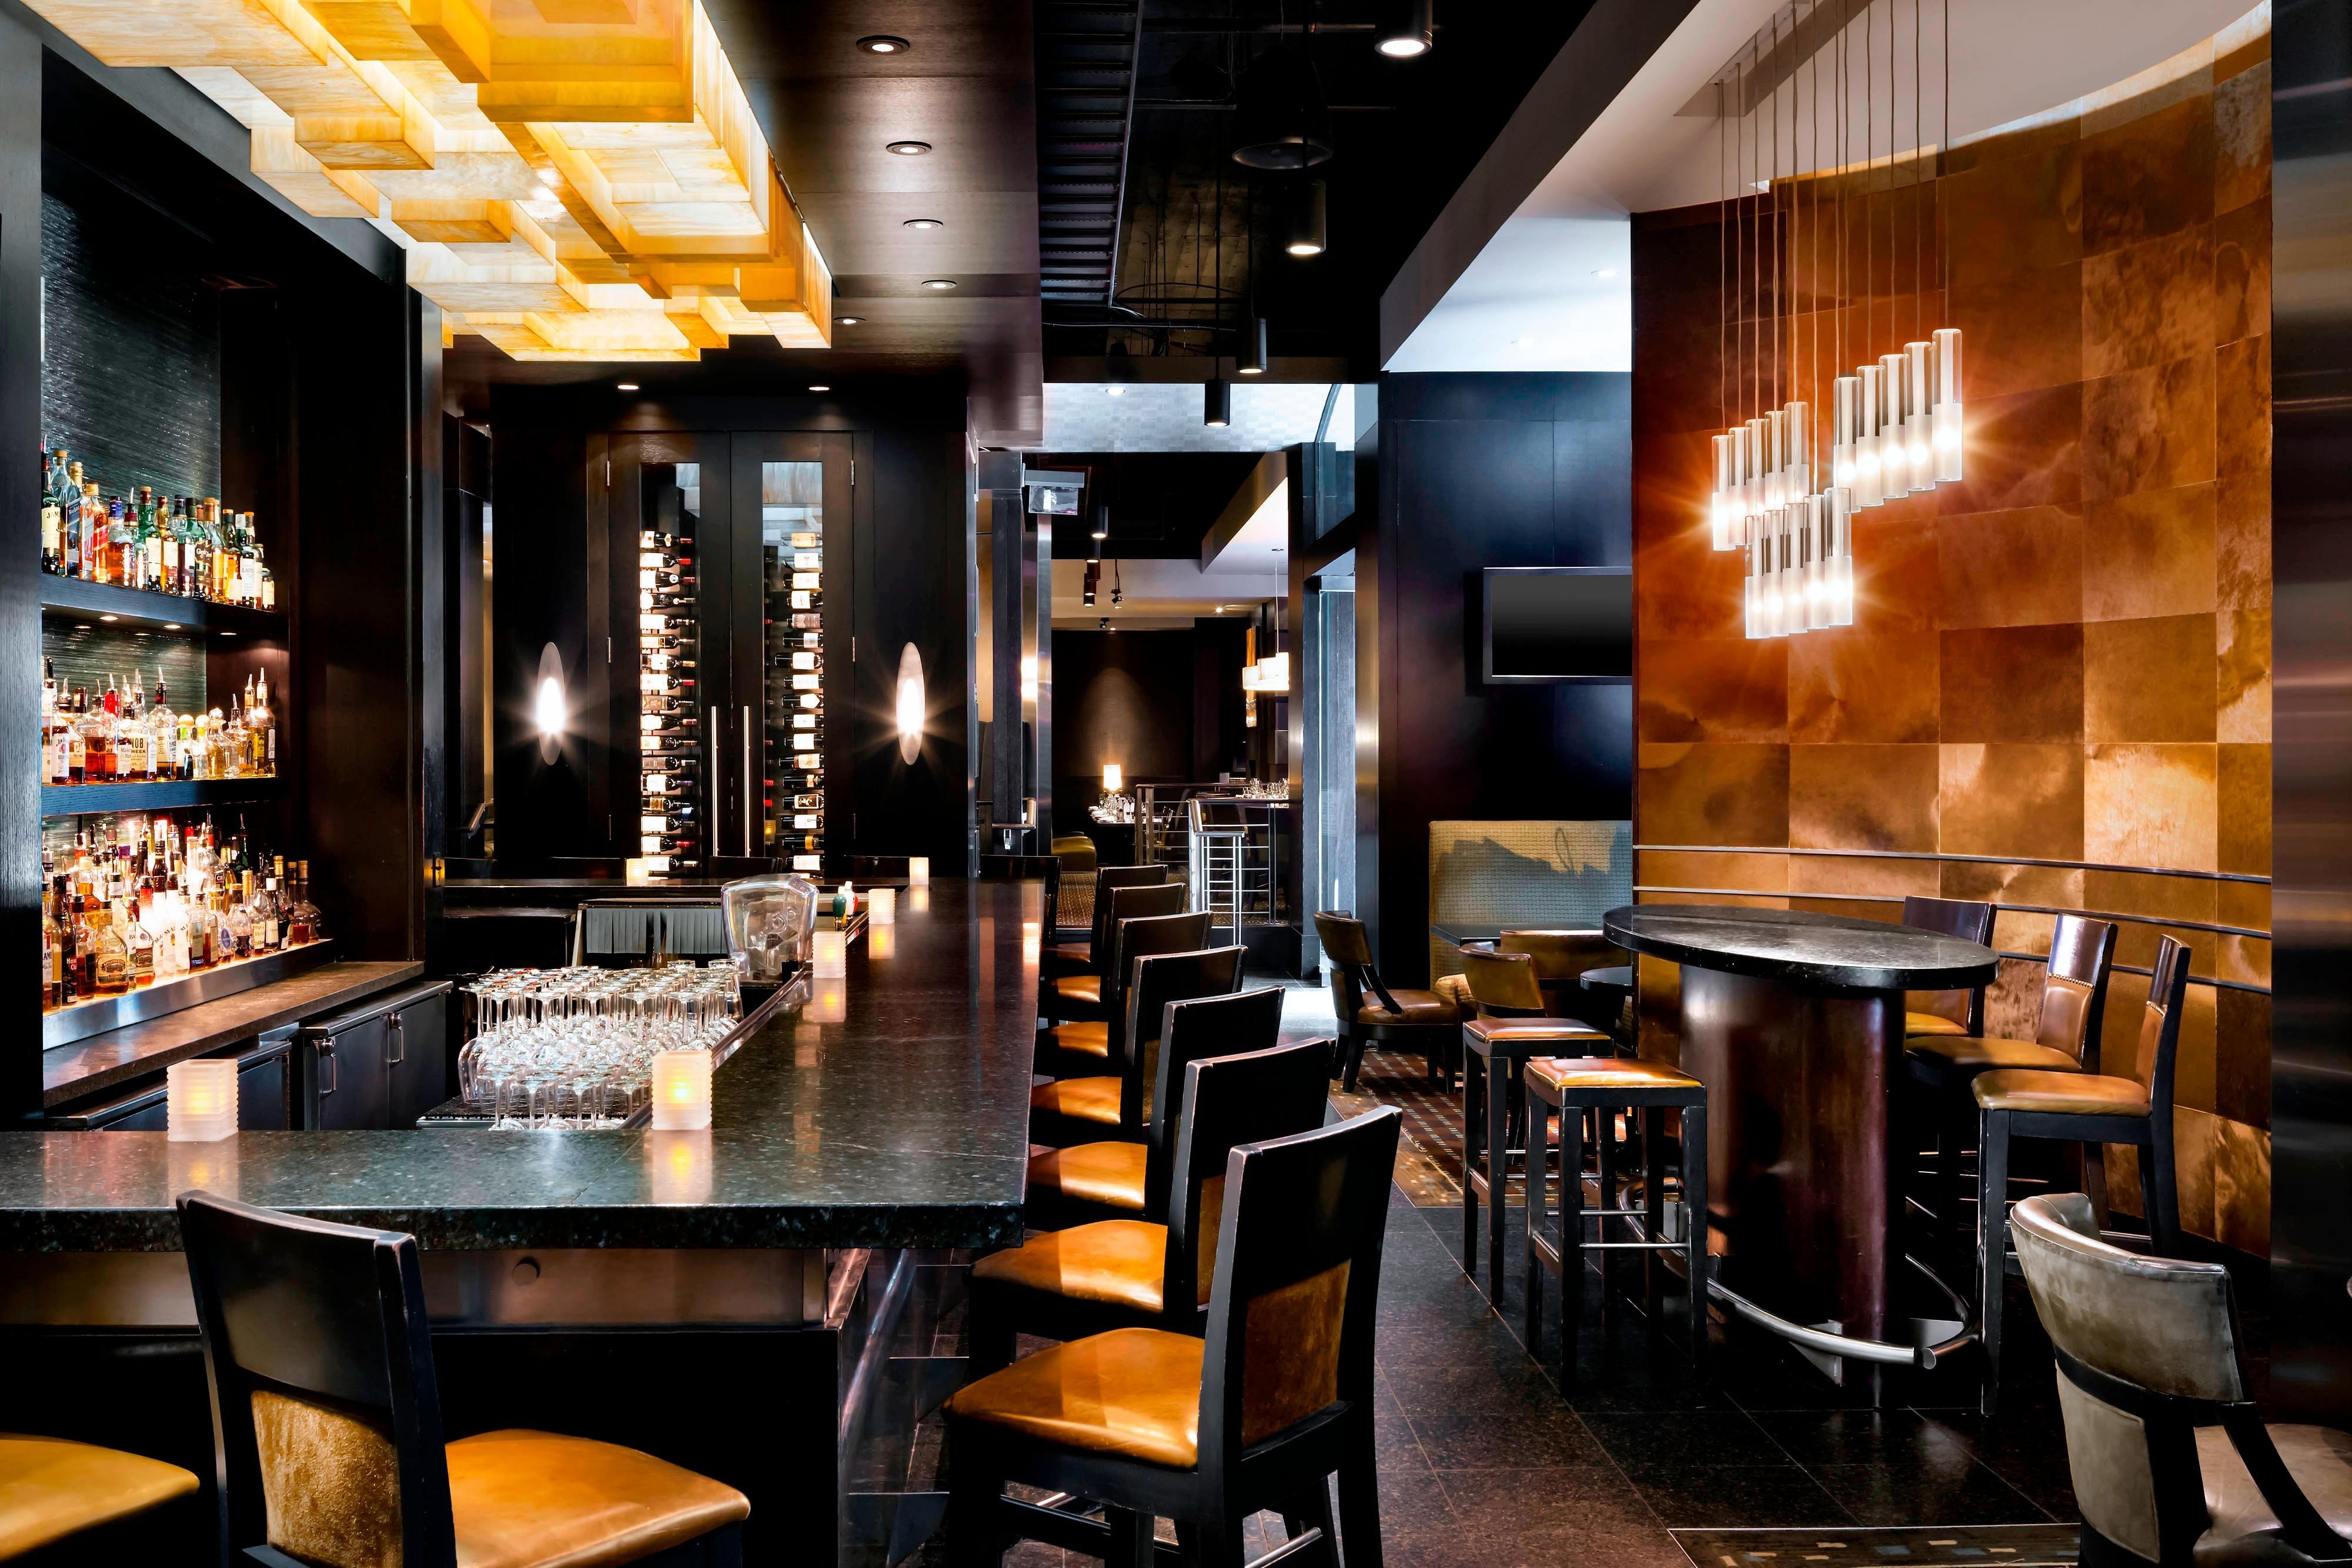 The Keg Restaurant & Bar - Bar